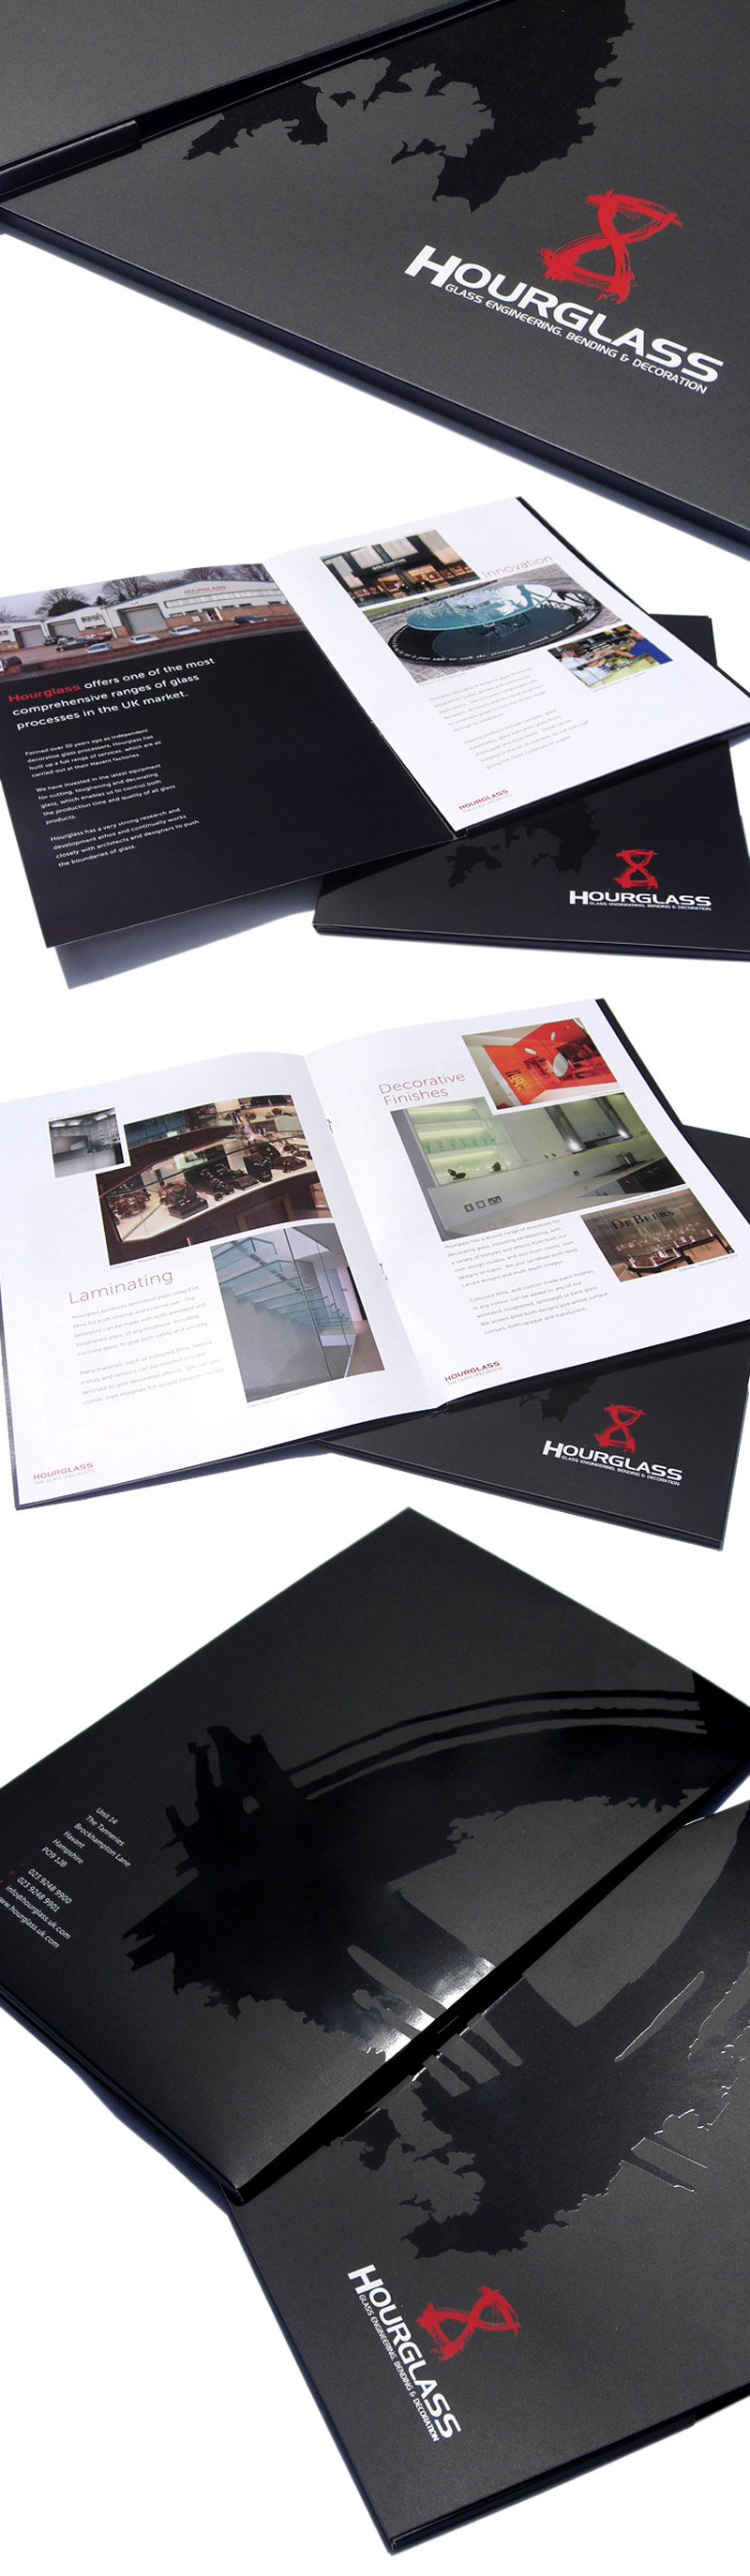 Hourglass Brochure